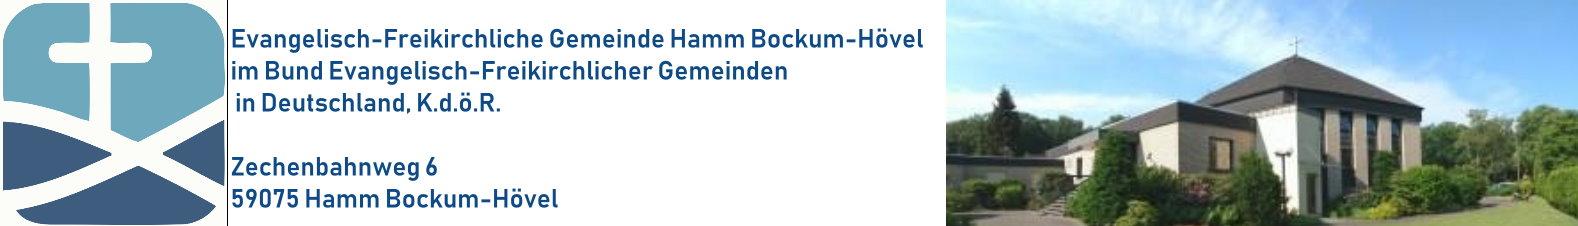 Evangelisch-Freikirchliche Gemeinde Hamm Bockum-Hövel